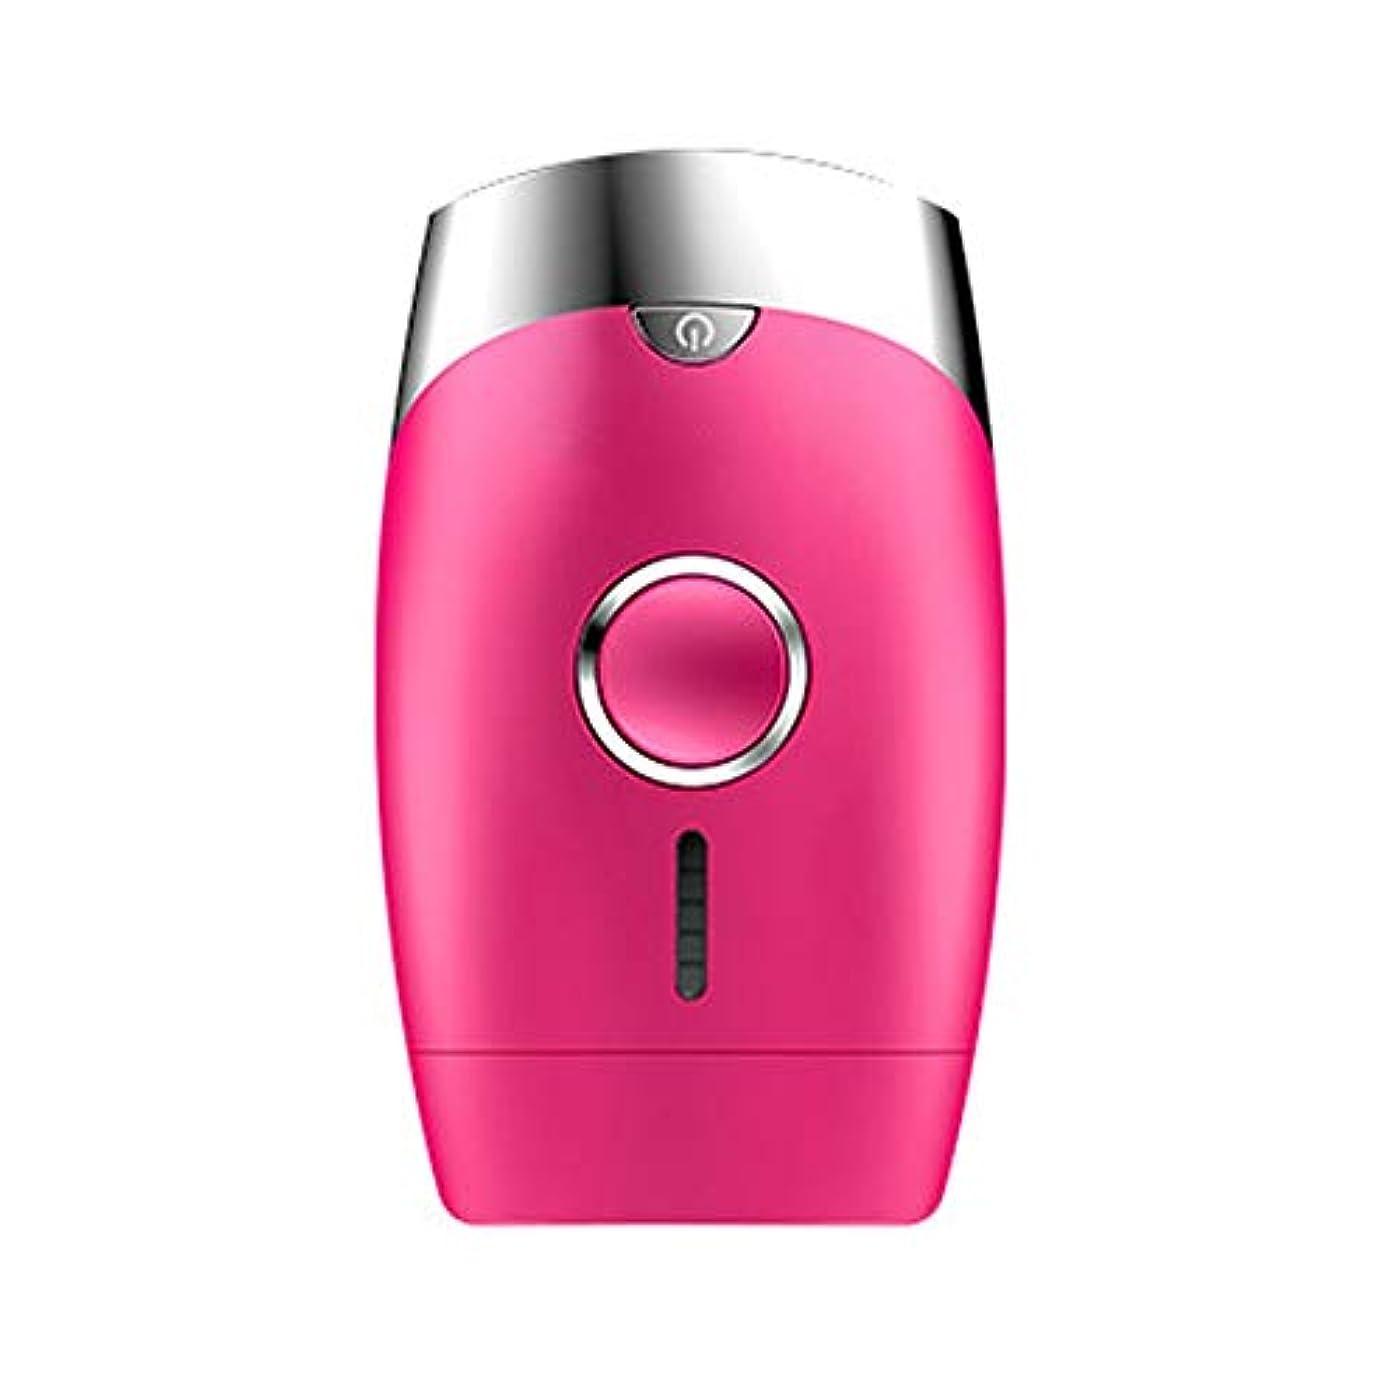 マトロン説得スピーカーダパイ ピンク、5スピード調整、インテリジェント家庭用痛みのない凝固点ヘアリムーバー、シングルフラッシュ/連続フラッシュ、サイズ13.9 X 8.3 X 4.8 Cm U546 (Color : Pink)